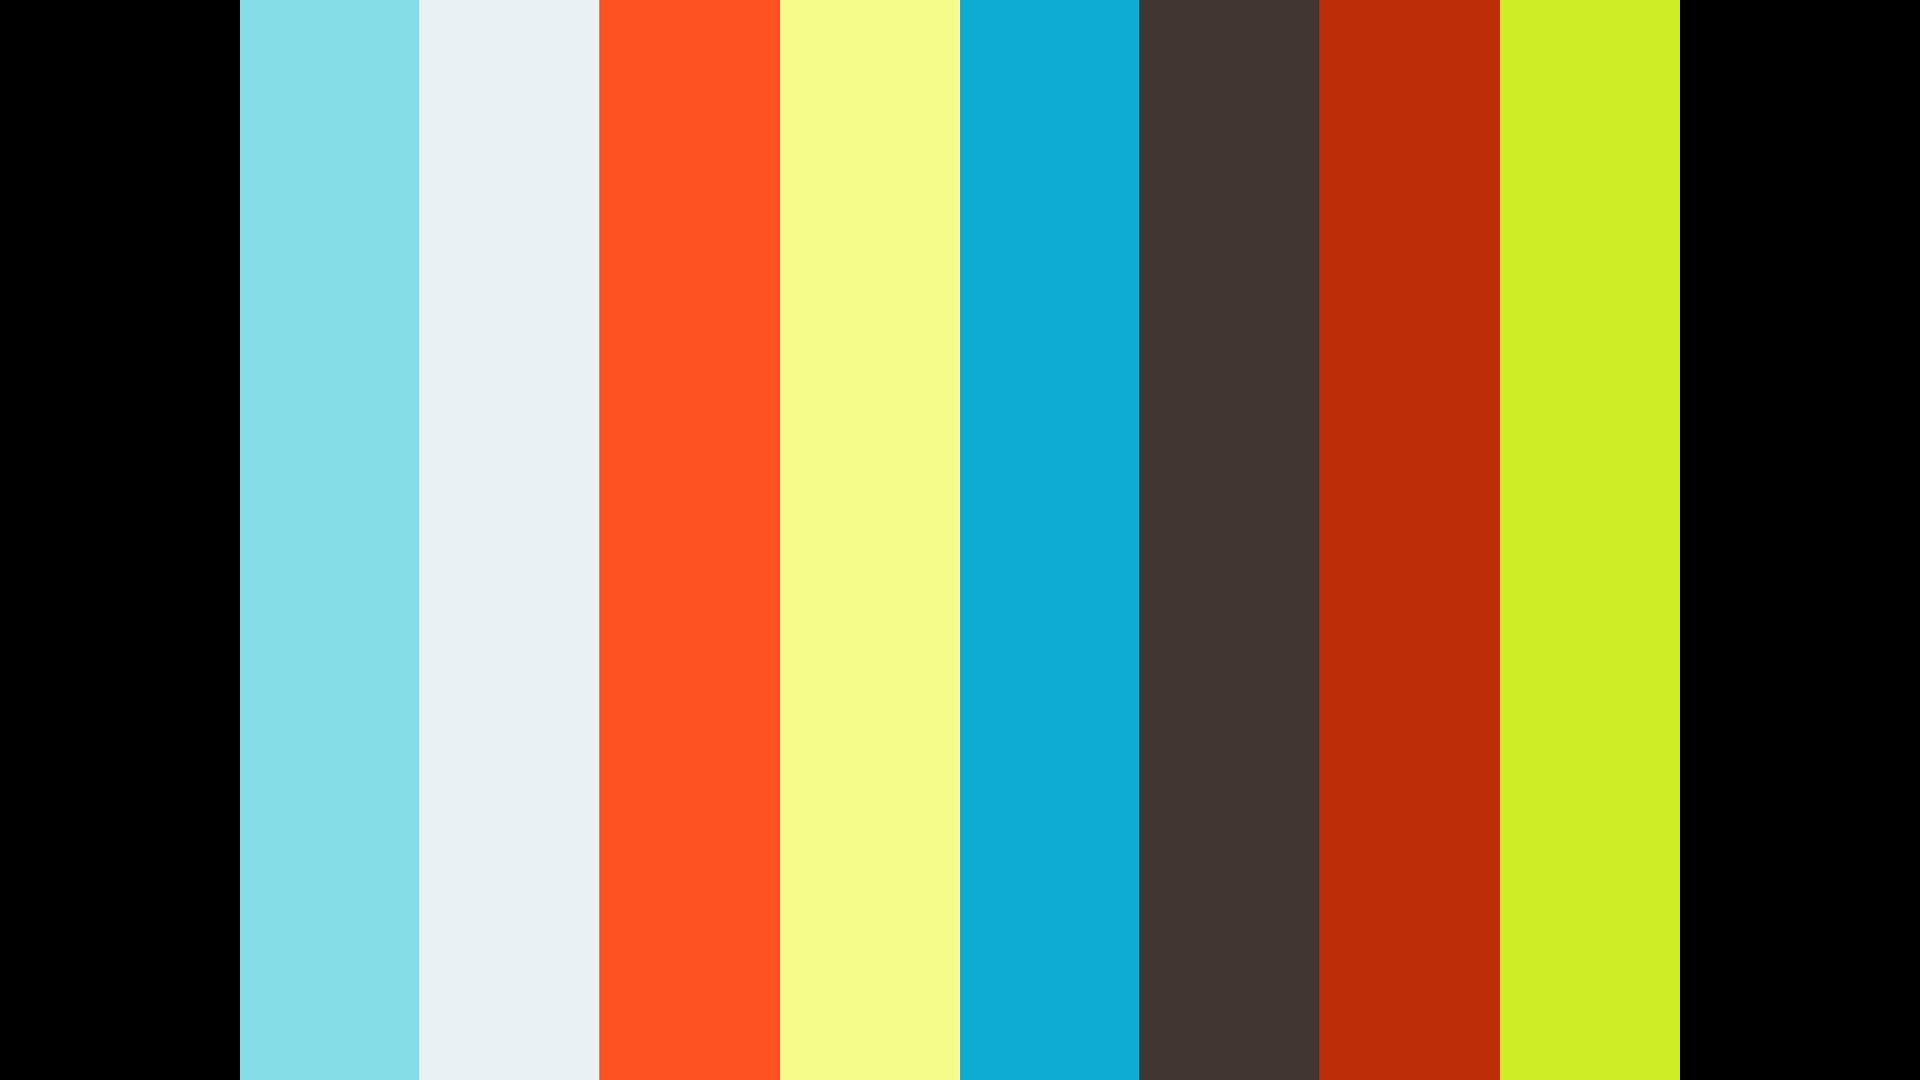 Opendatasev: Aspectos Legales en la Apertura de Datos - Alberto Abella